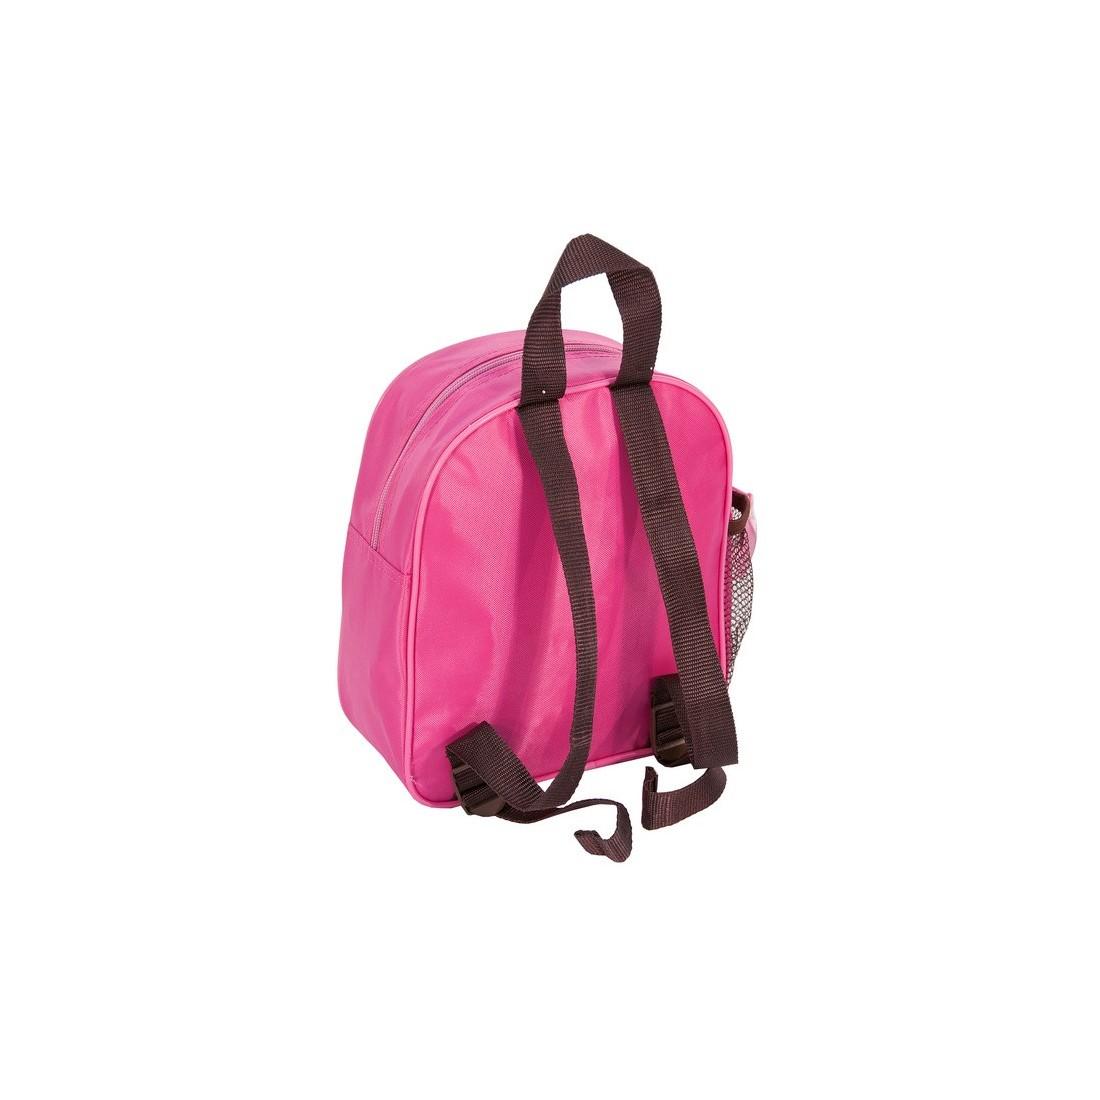 Plecaczek Rachael Hale z pieskiem różowy - plecak-tornister.pl